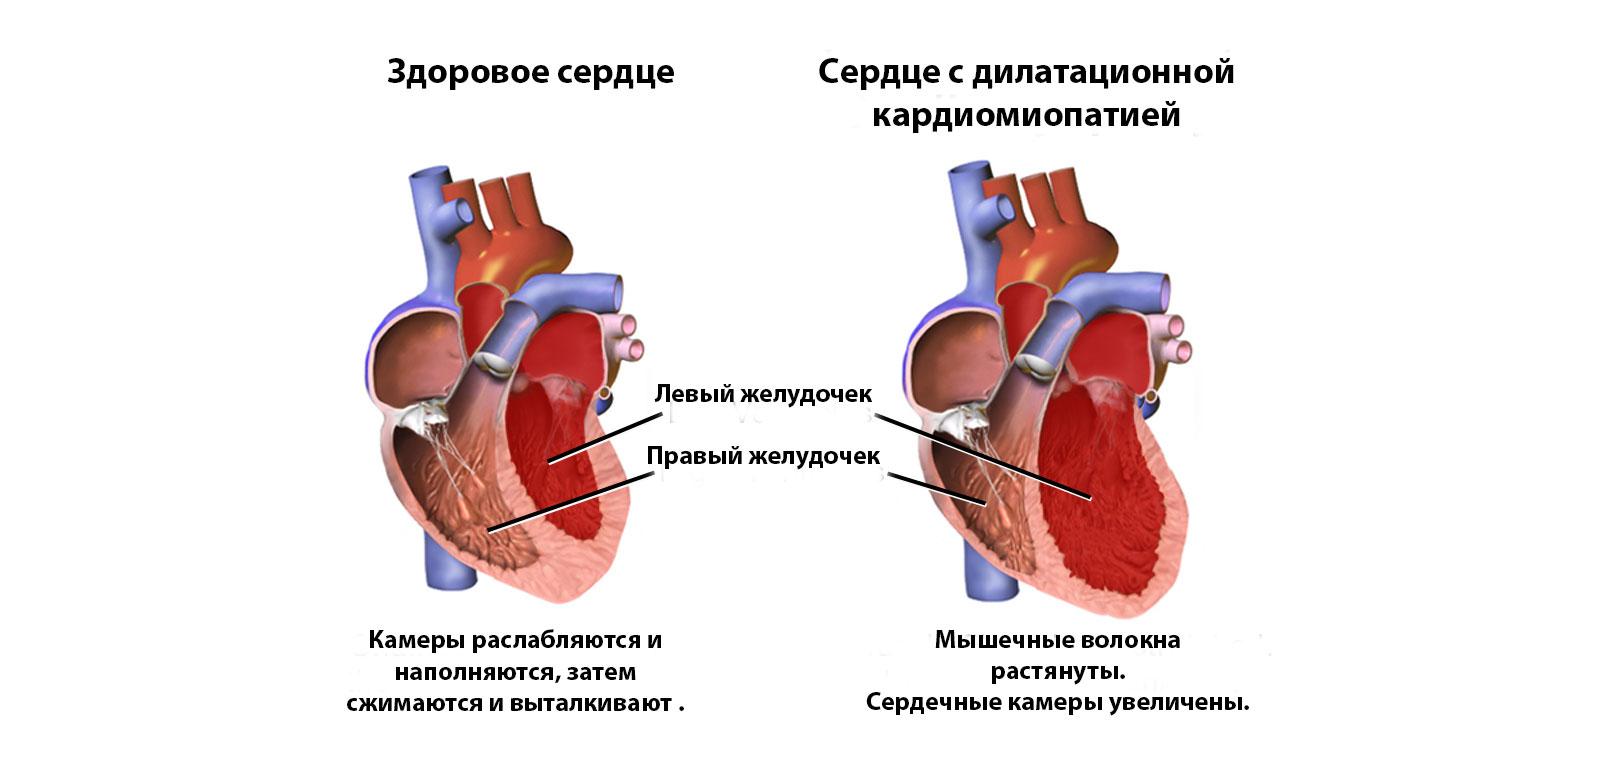 Дилатационная кардиомиопатия — википедия. что такое дилатационная кардиомиопатия